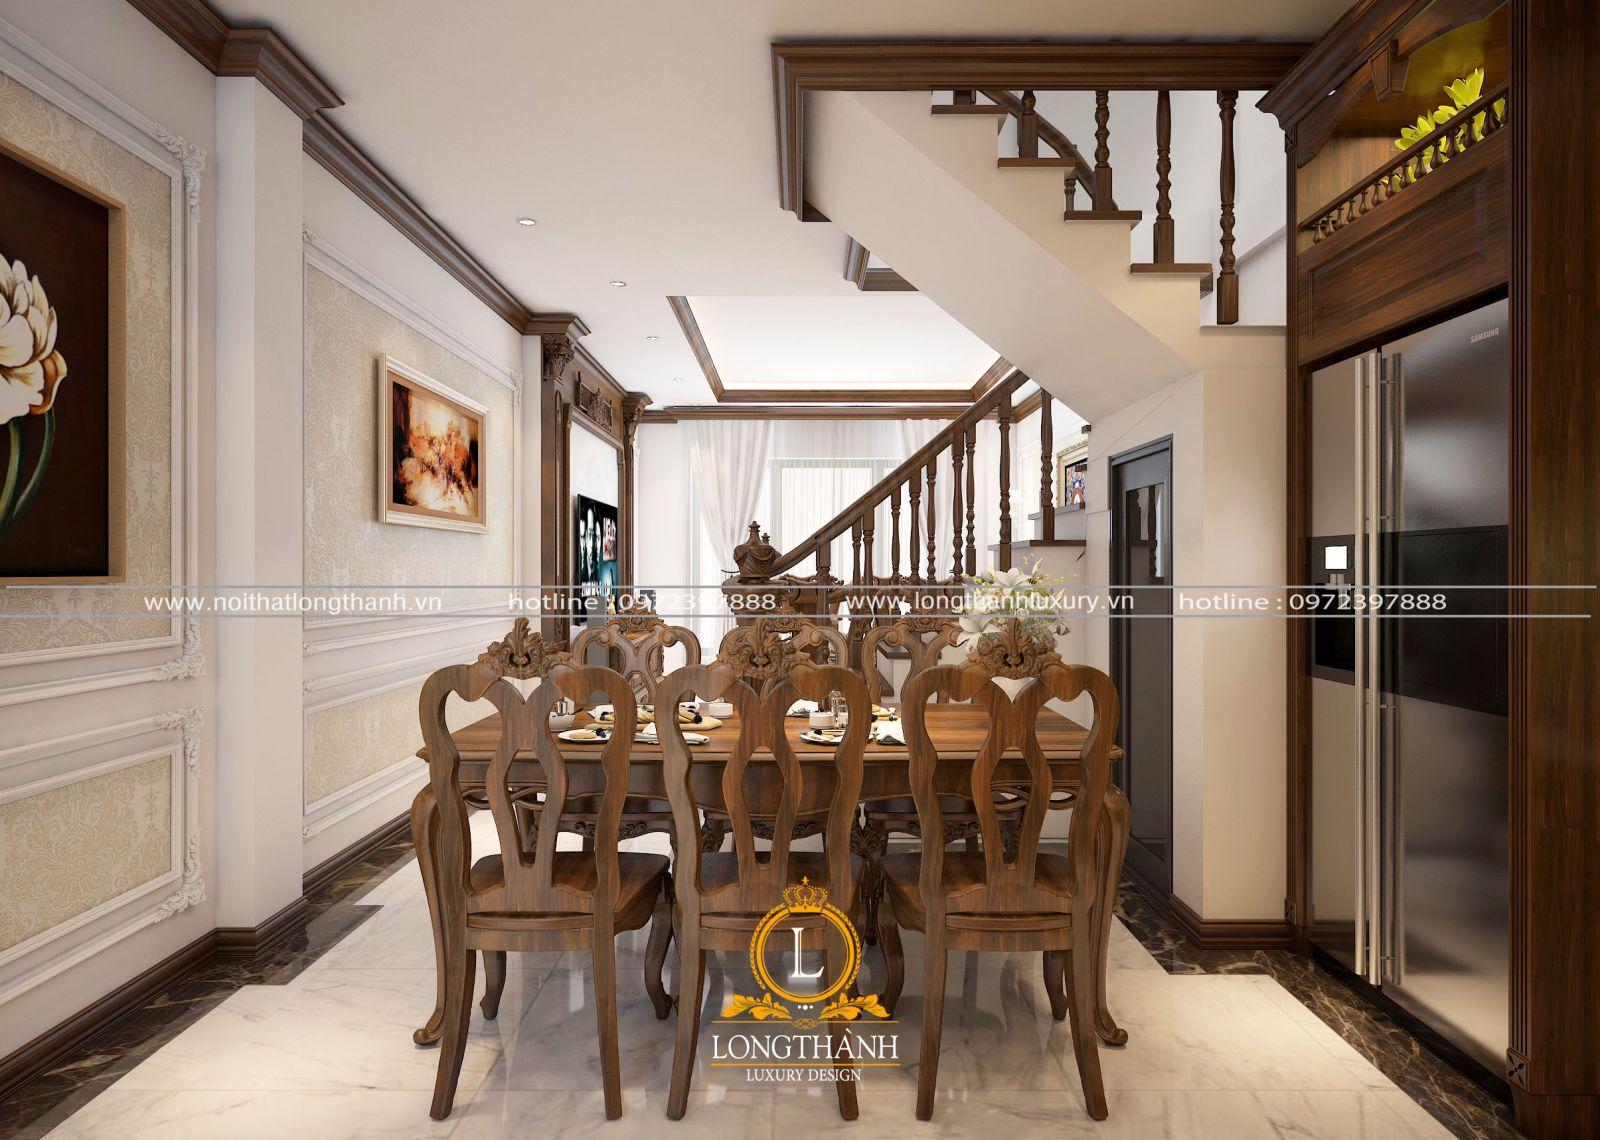 Bộ bàn ăn gỗ tự nhiên đồng bộ với màu sắc nội thất trong nhà